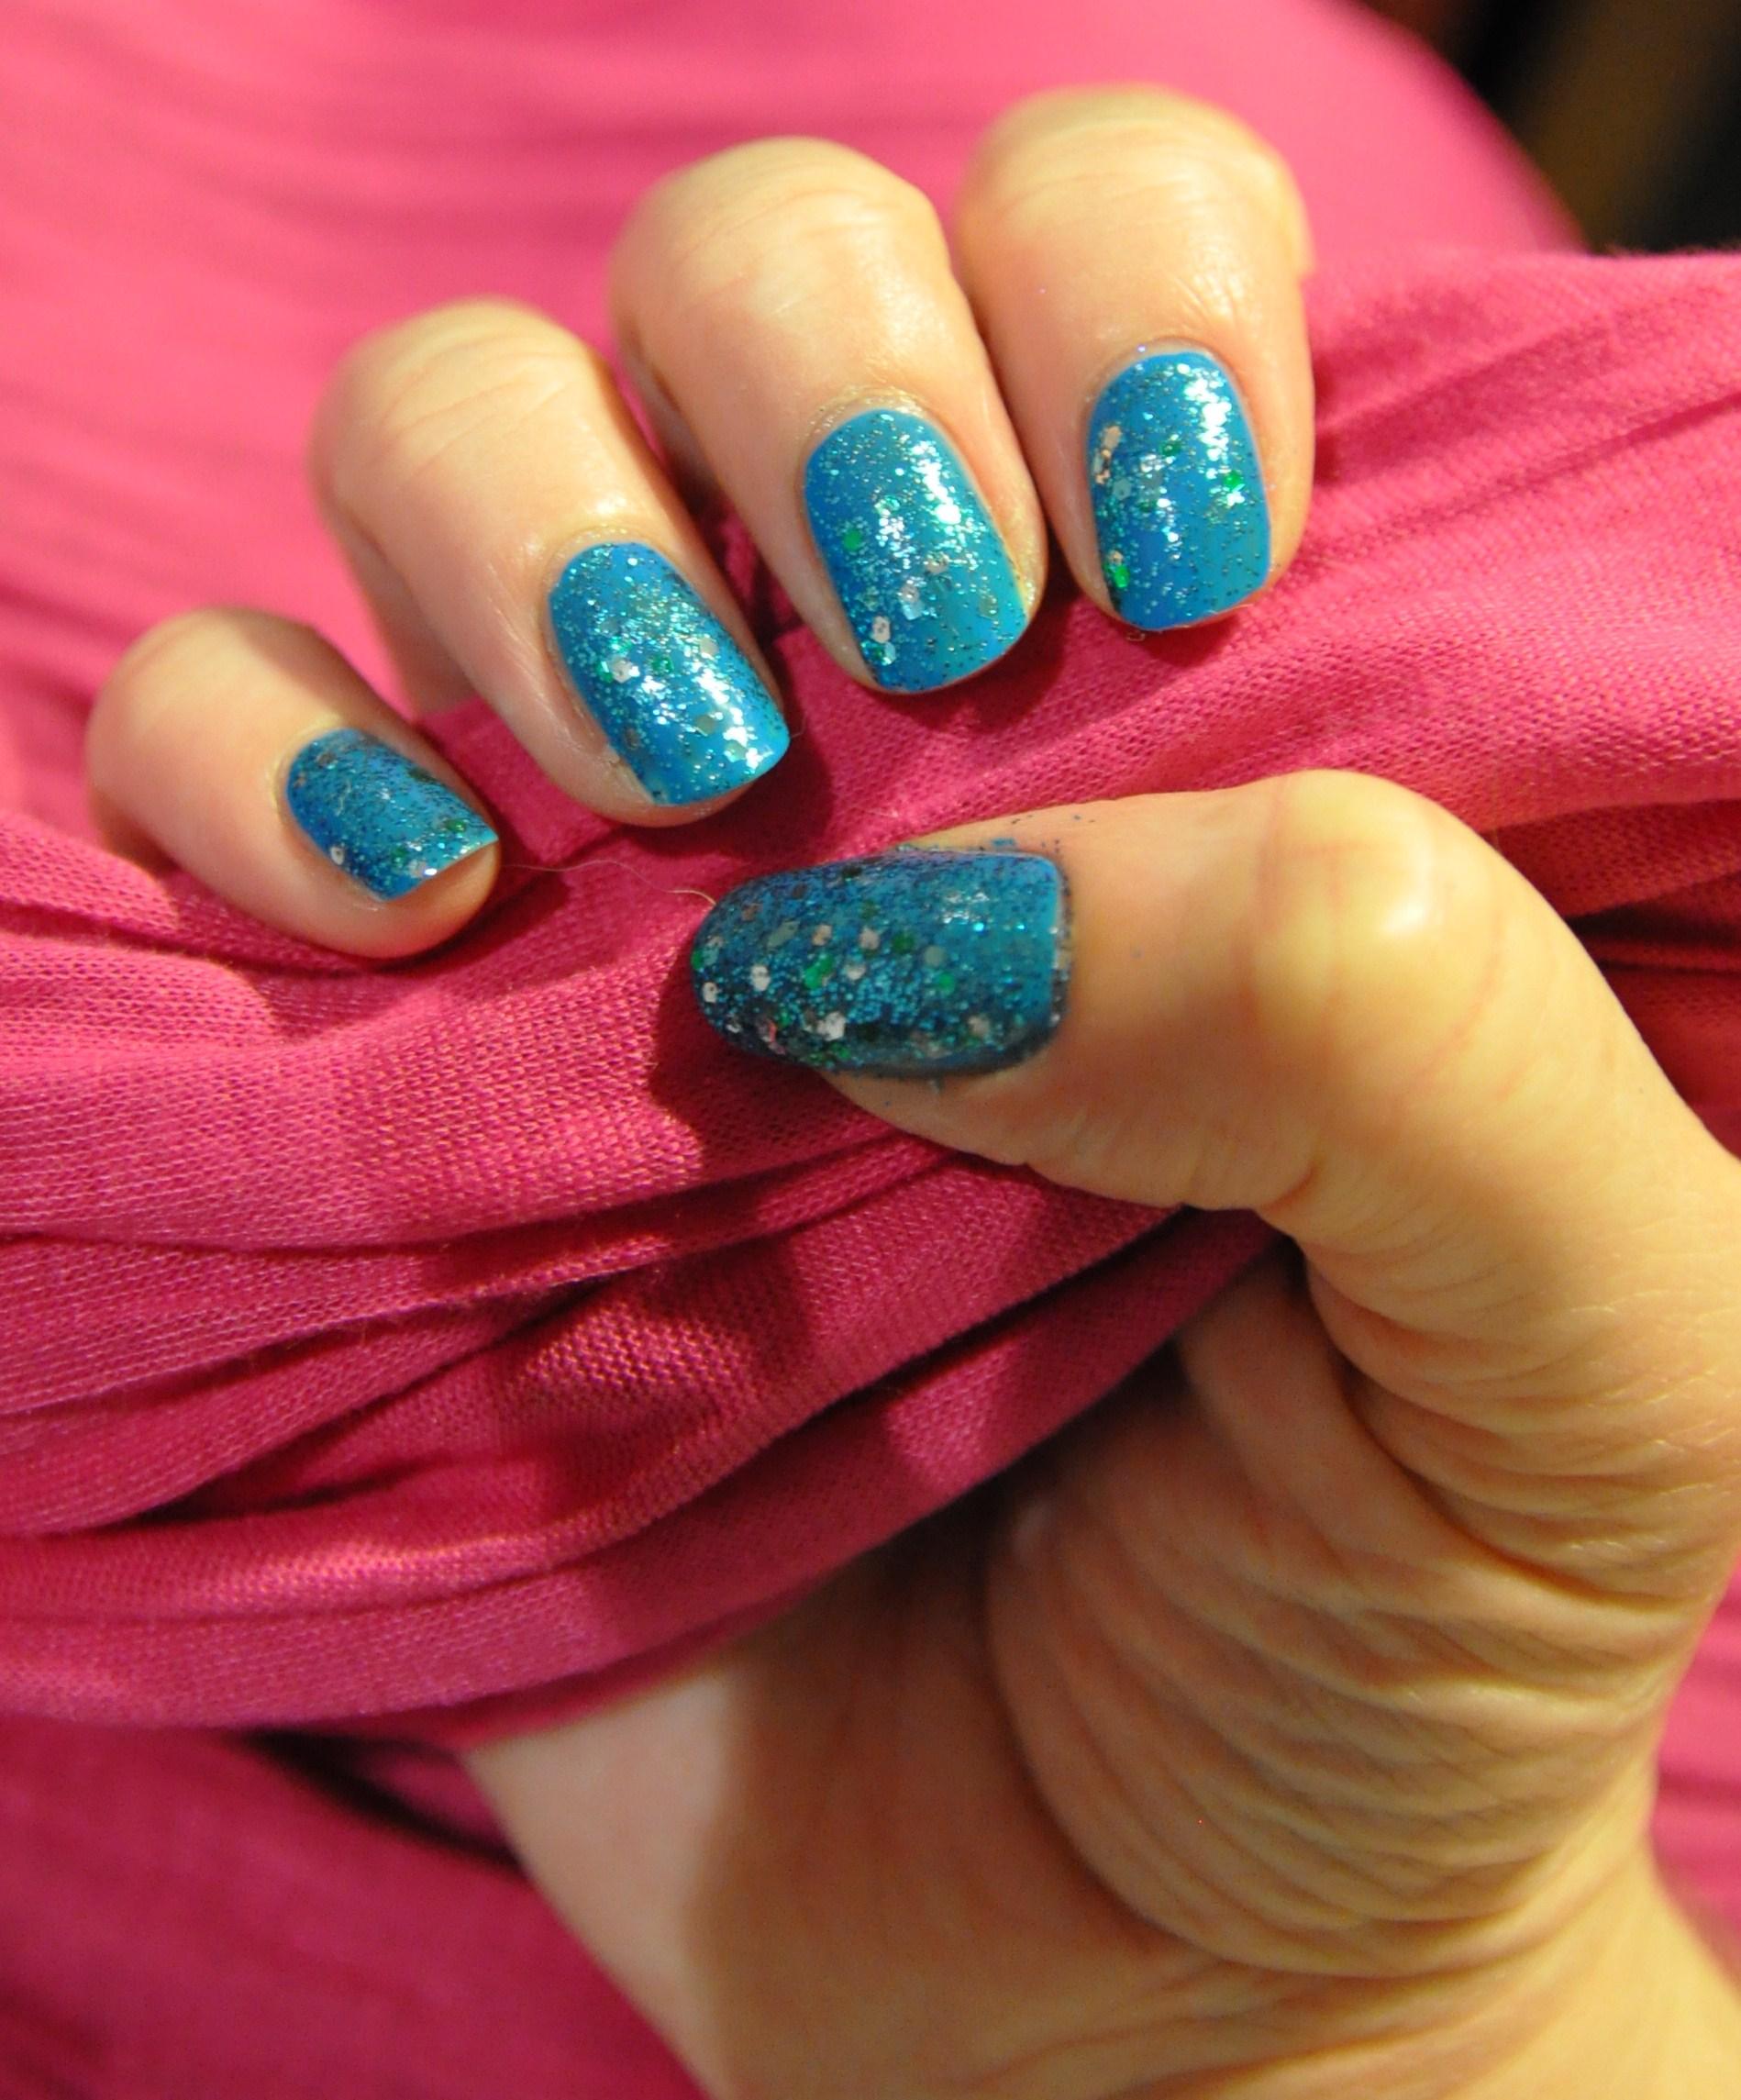 Revlon Radiant Blue Mosaic (Glitter Nail Enamel) | Nailart for funn!